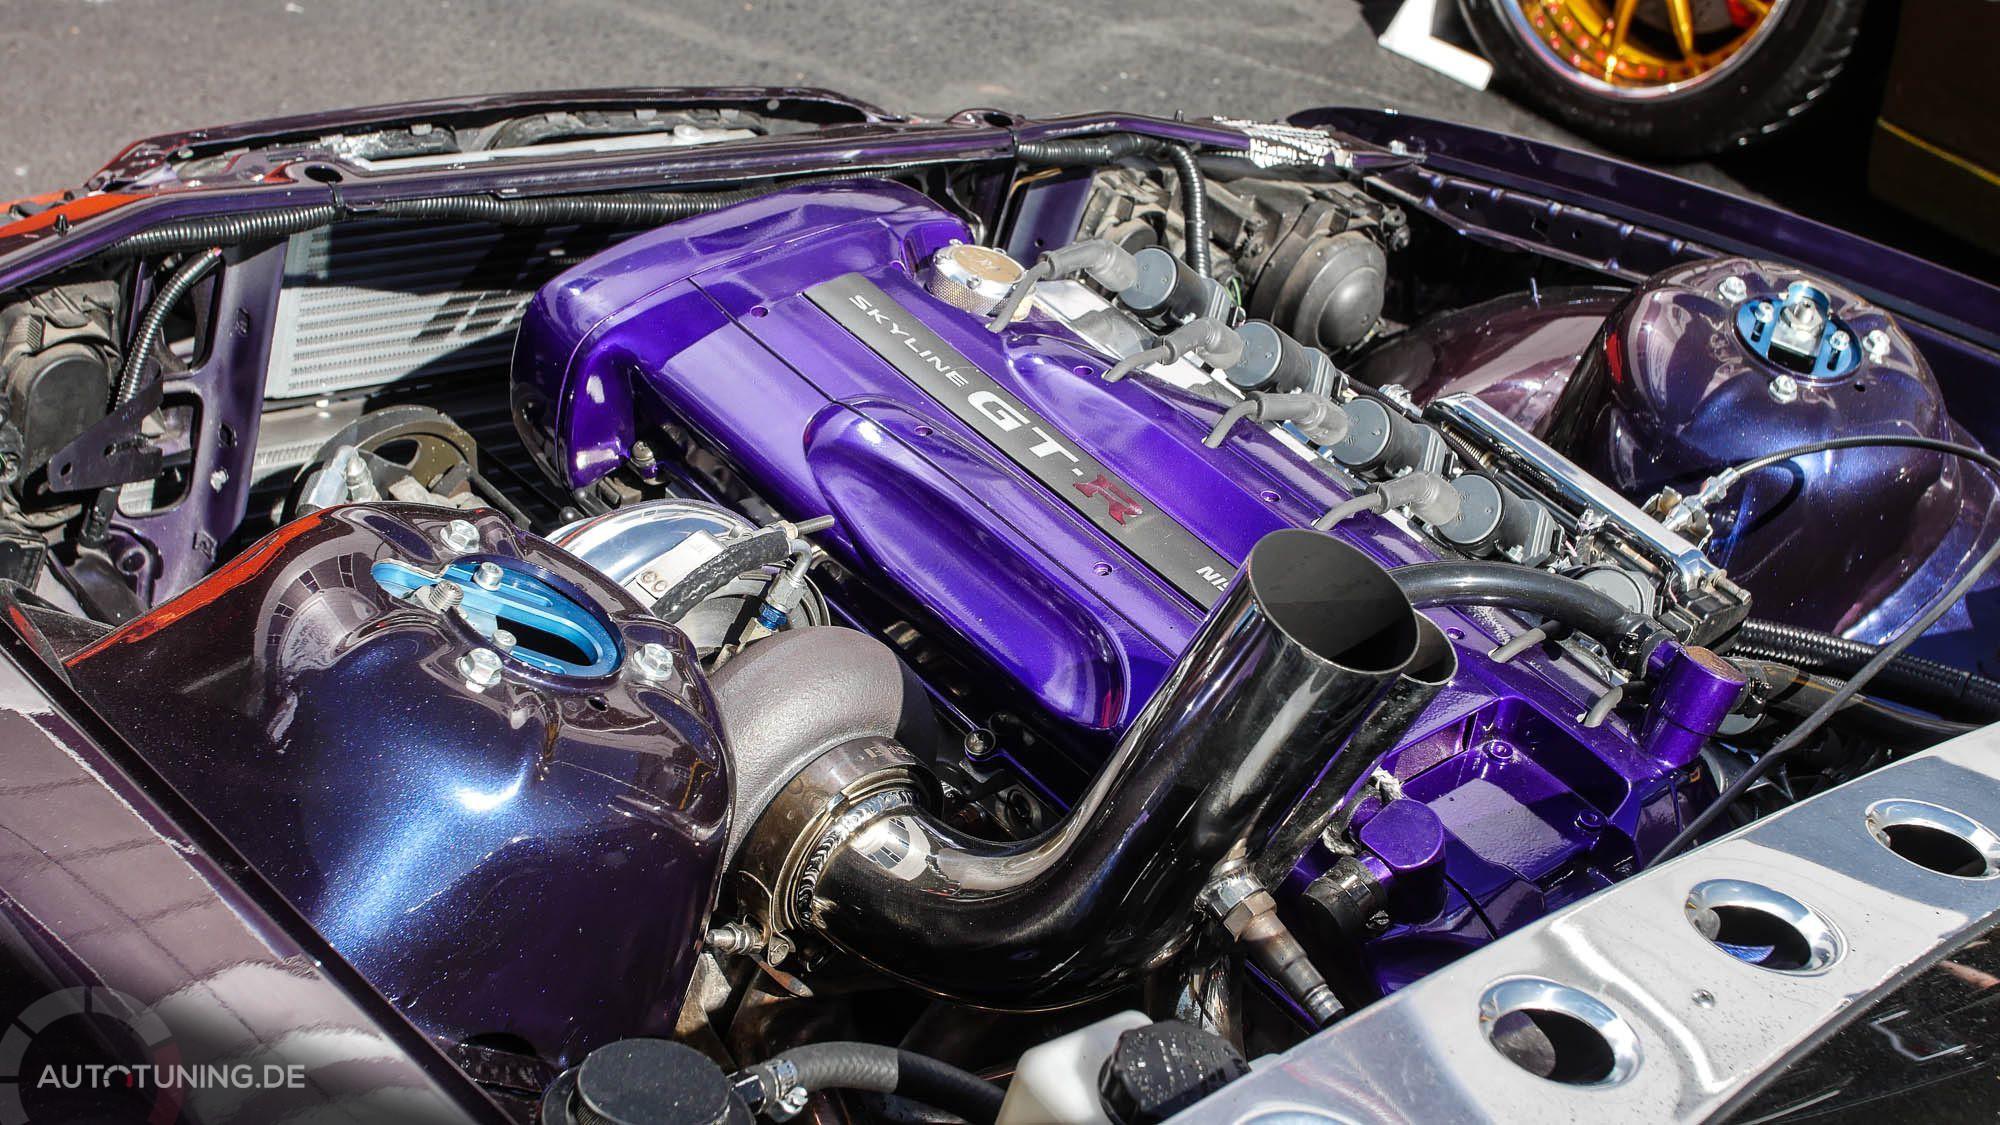 Lila Nissan Skyline Motor passend zum Lack und den Felgen